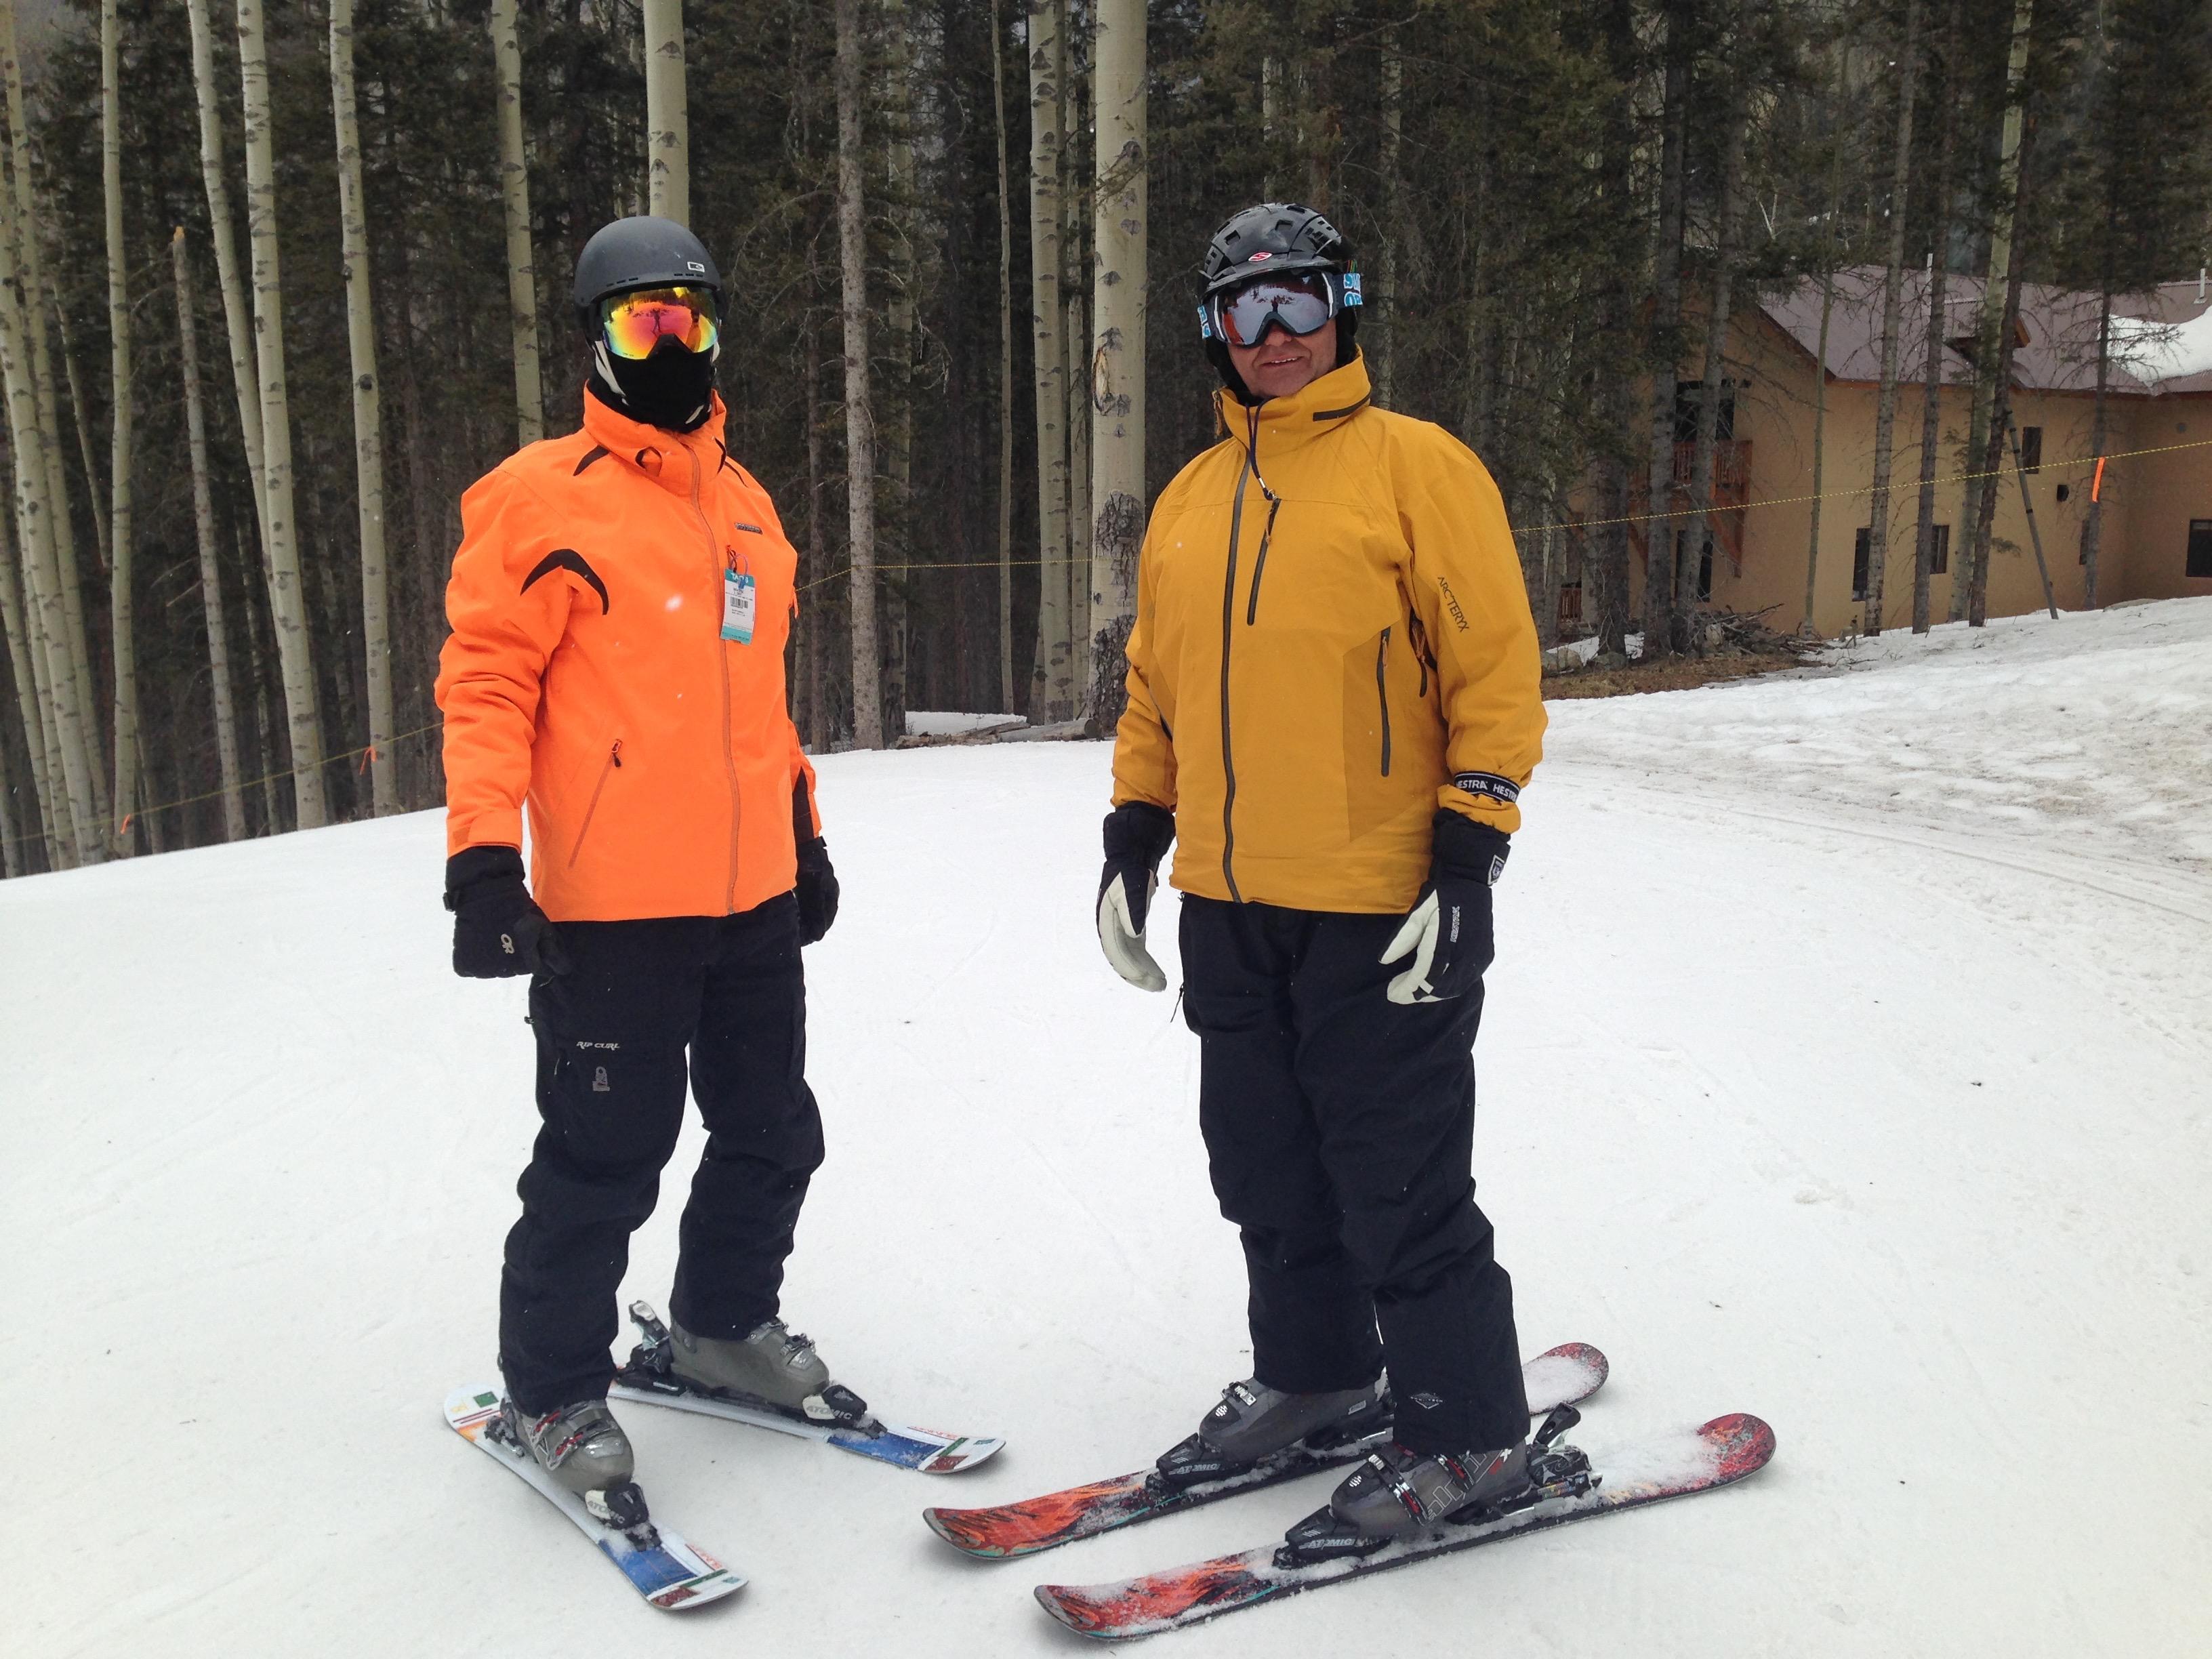 Summit Easy Rider 79 cm Skiboards blue